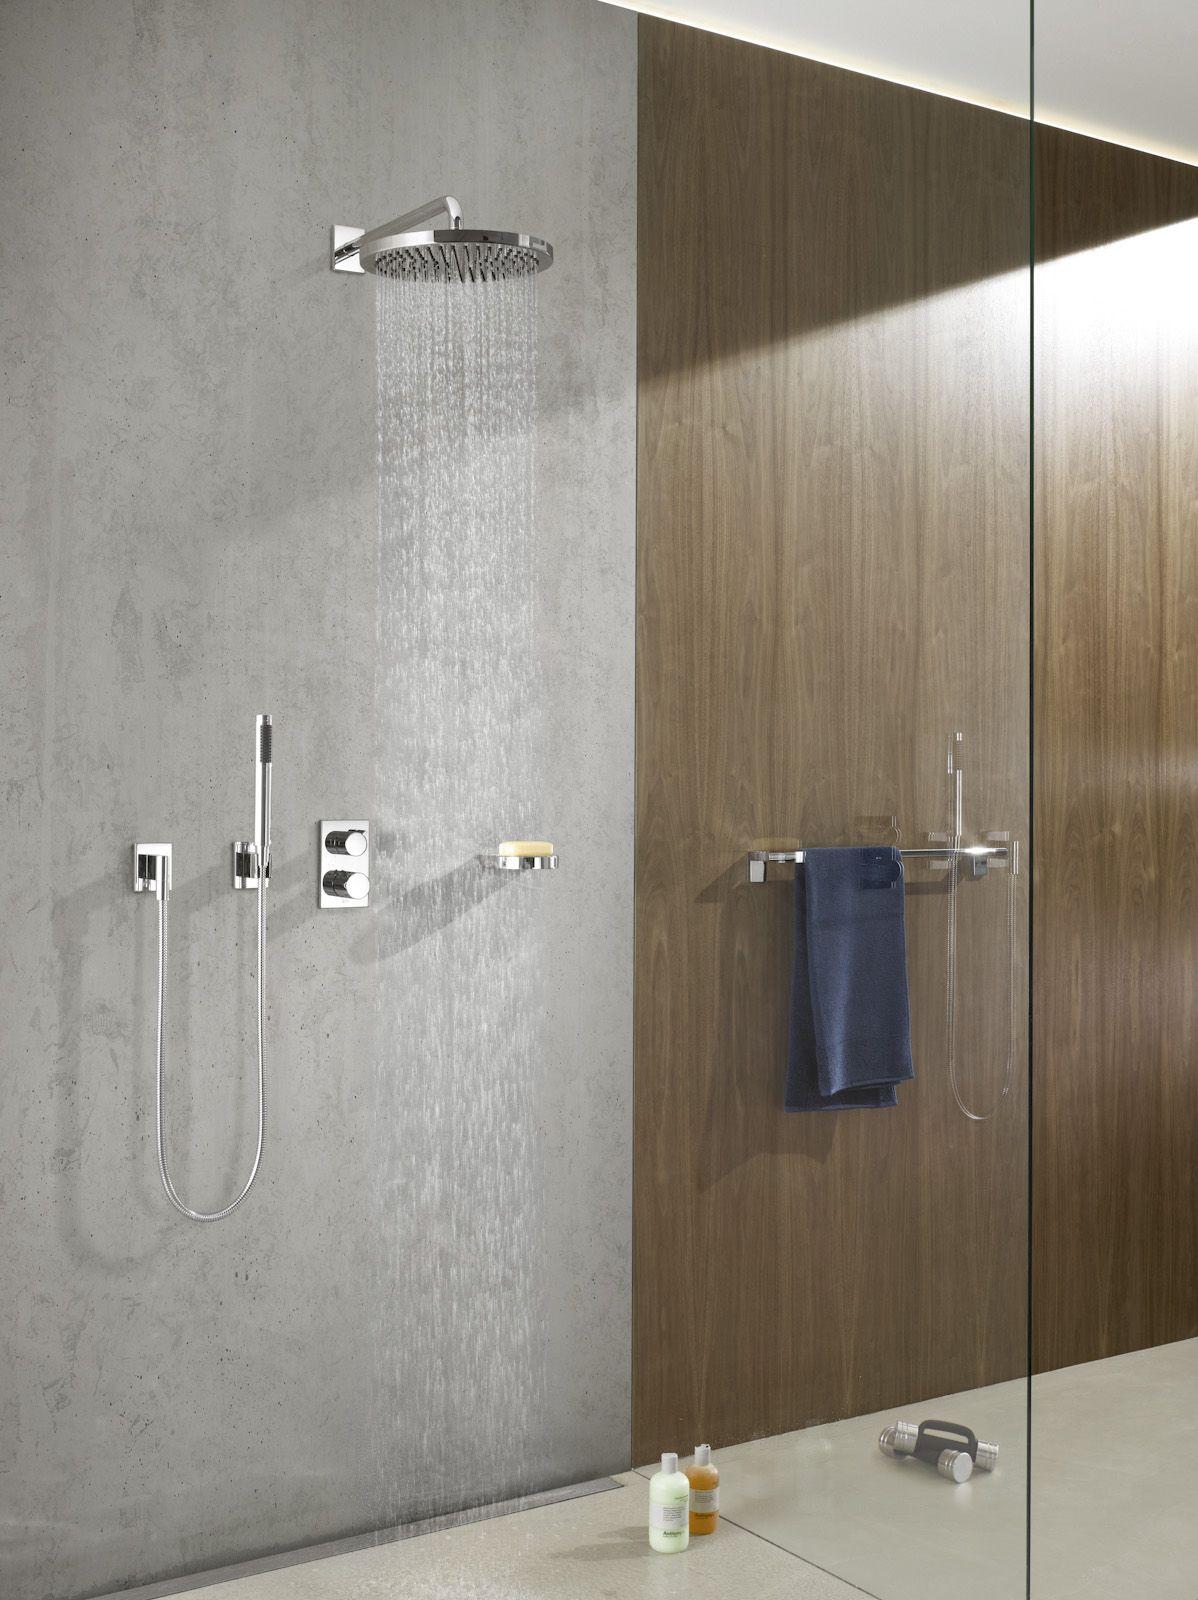 Furnier Ist Wieder In Und Sei Es In Einer Ganz Schlichten Form Ubrigens Kann Holz Auch In Feuchtraumen Langst Duschsysteme Badezimmer Design Luxusbadezimmer